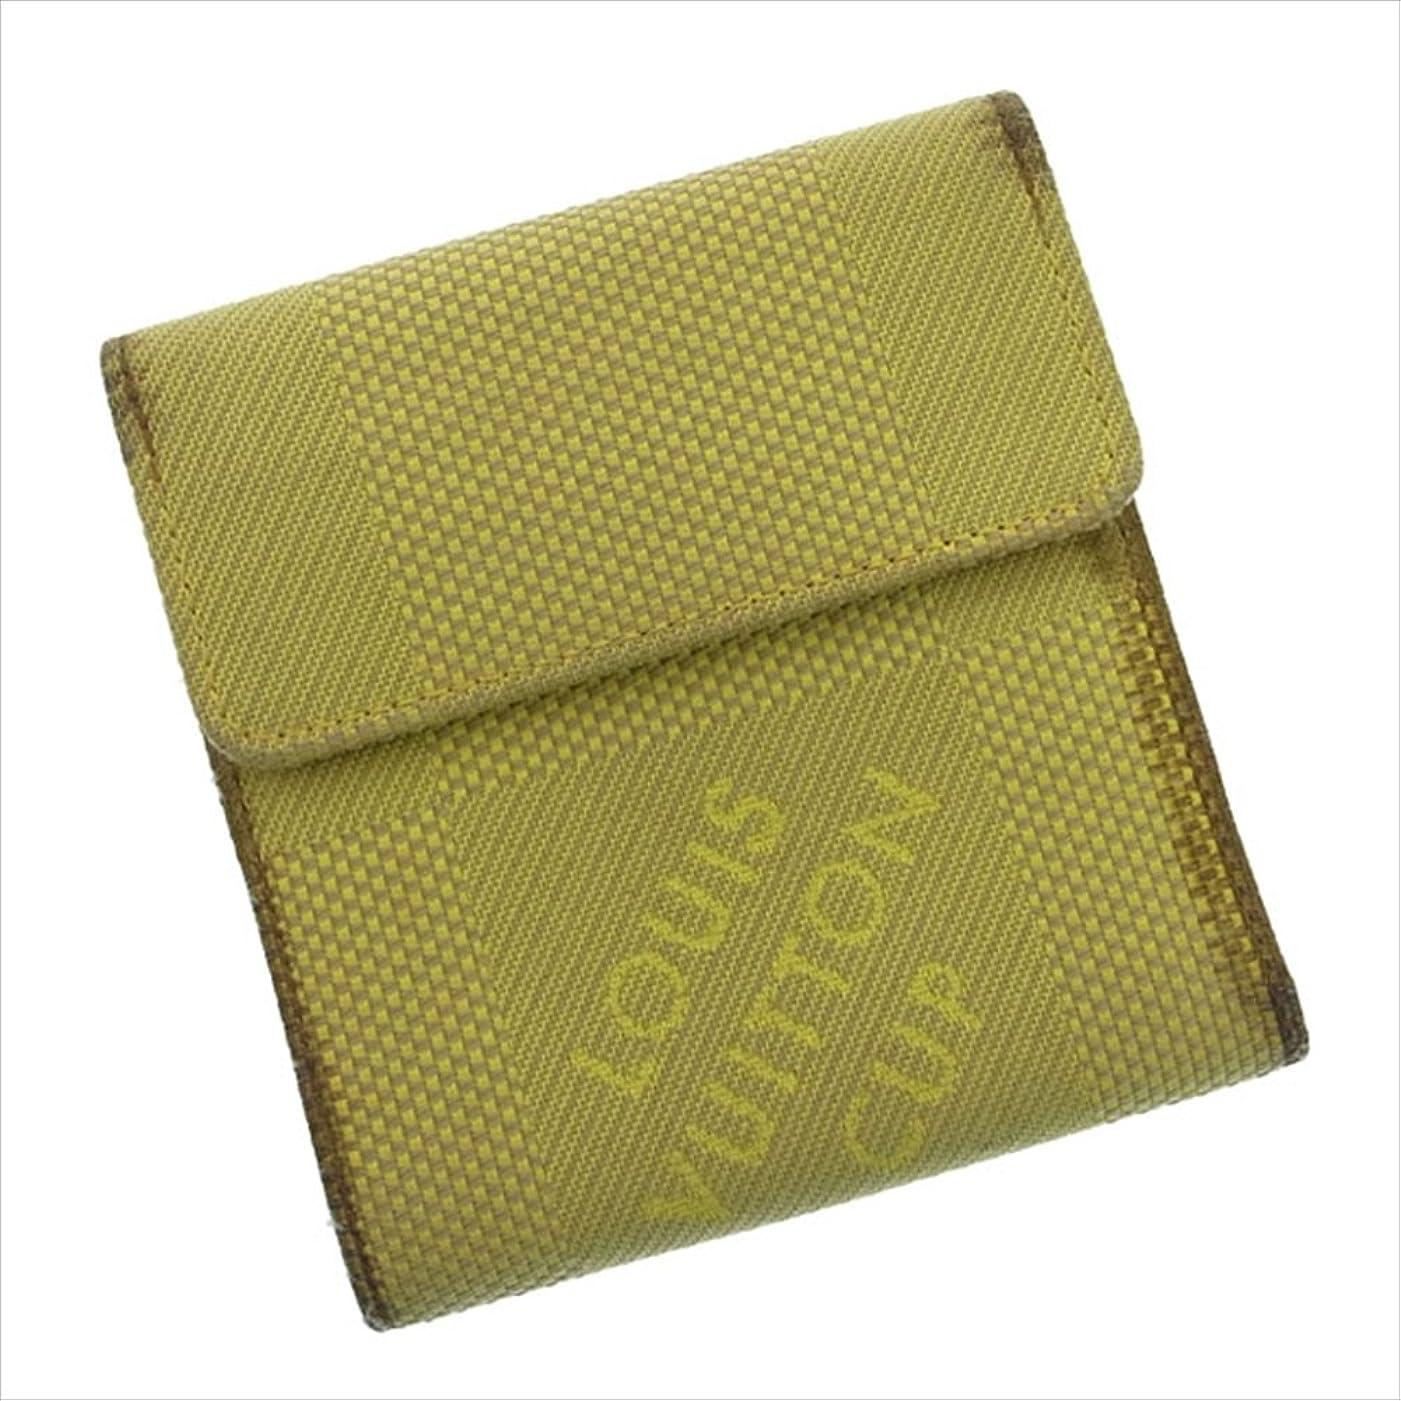 抜本的なルーフブラシルイヴィトン Louis Vuitton 三つ折り財布 限定商品レア ユニセックス ヴィトンカップ2003 M80639 ロゴ 中古 I103